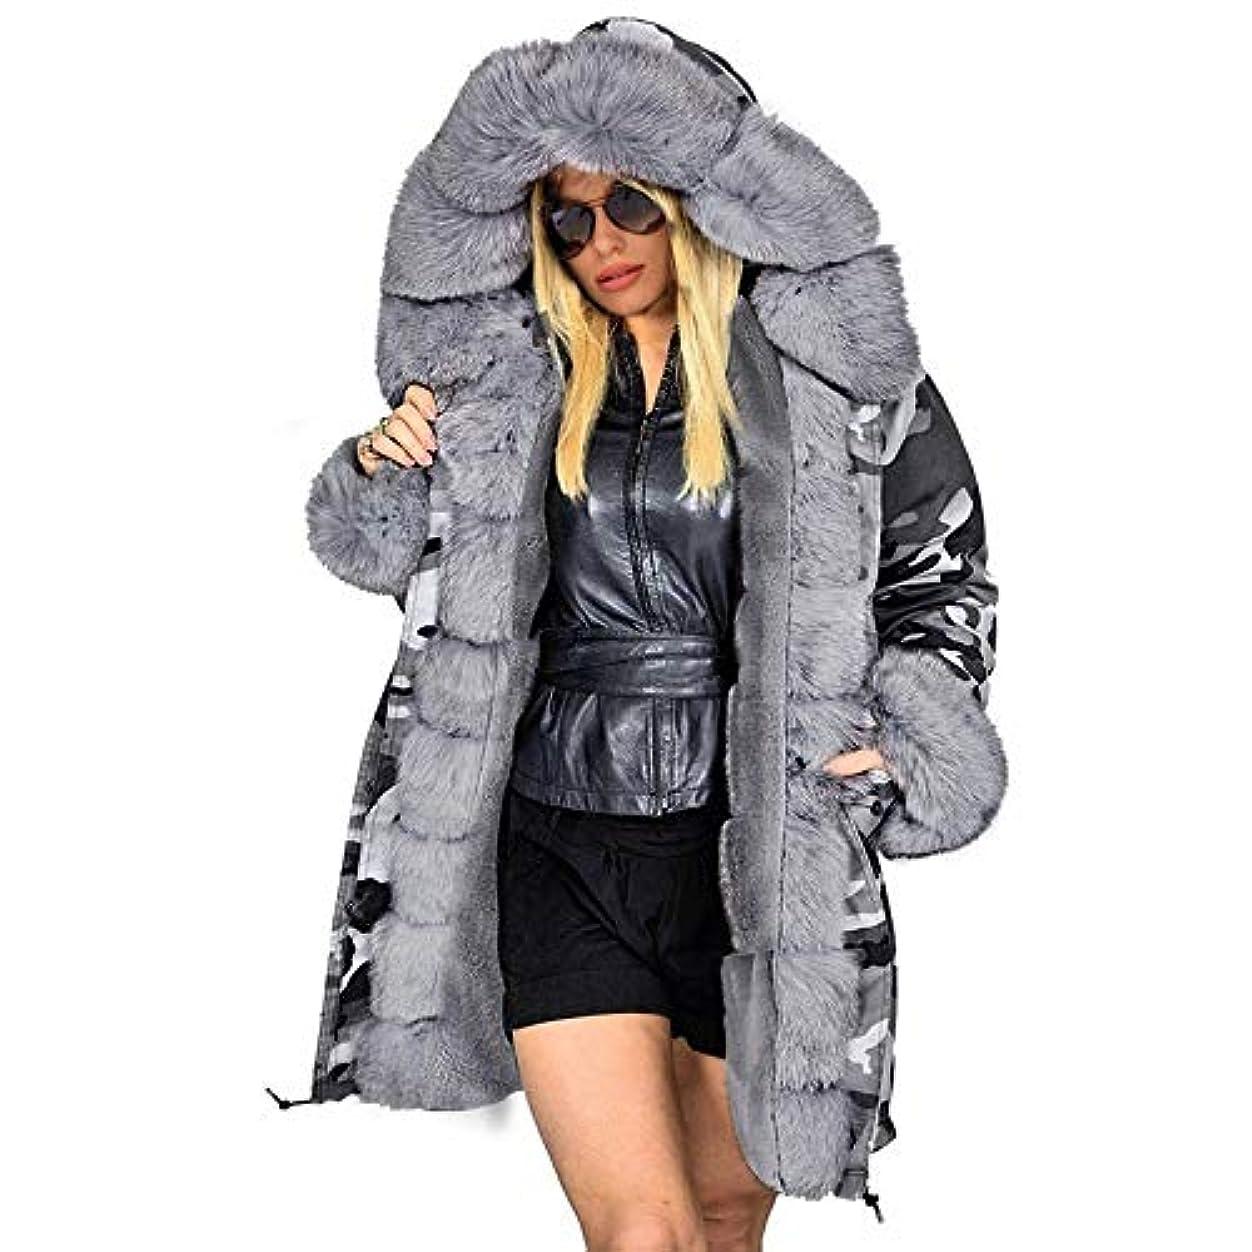 全能没頭する三ファッションコートウィンタージャケット女性フードパーカーロングウォームコットンジャケットアウターウェア女性ウィンターコートプラスサイズ,XXXL